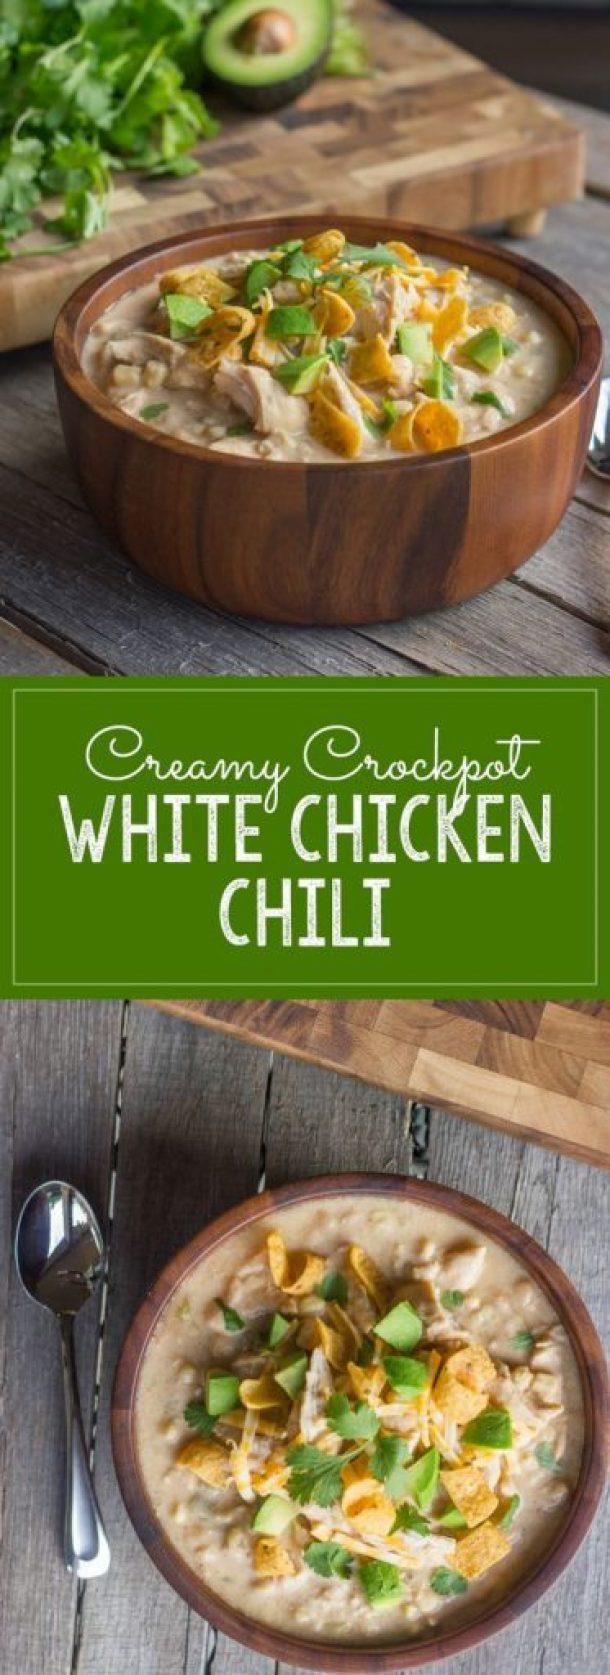 Lovely Little Kitchen Creamy Crockpot White Chicken Chili